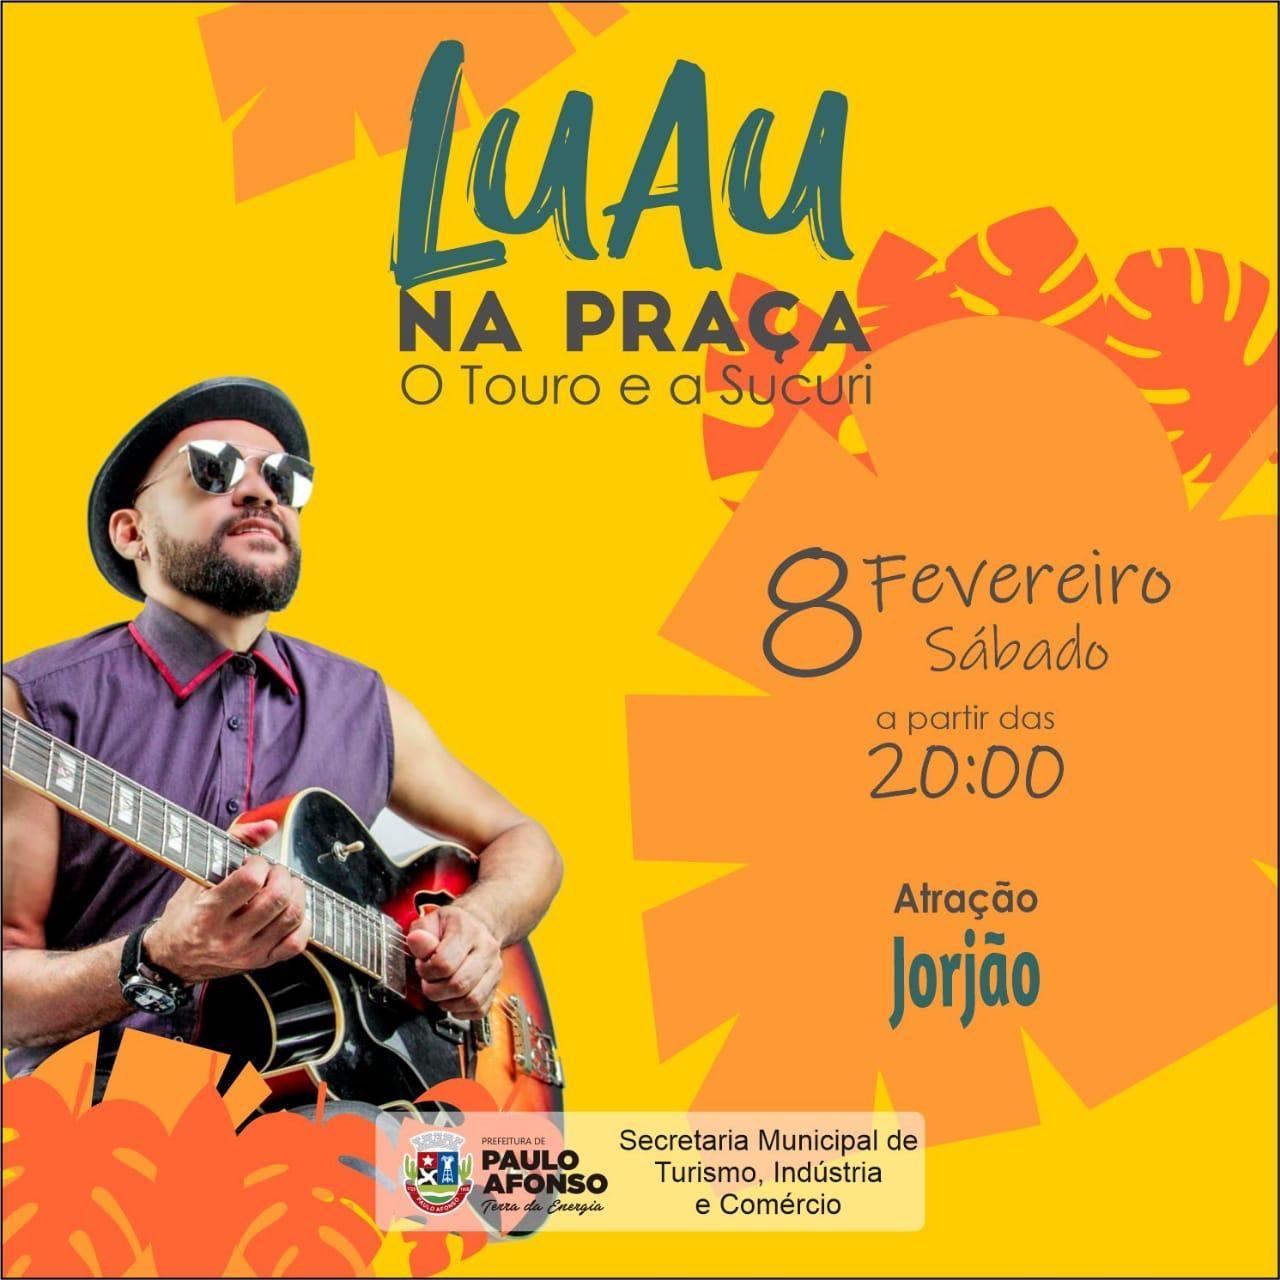 Jorgão Lima é atração do Luau na Praça deste sábado (8)